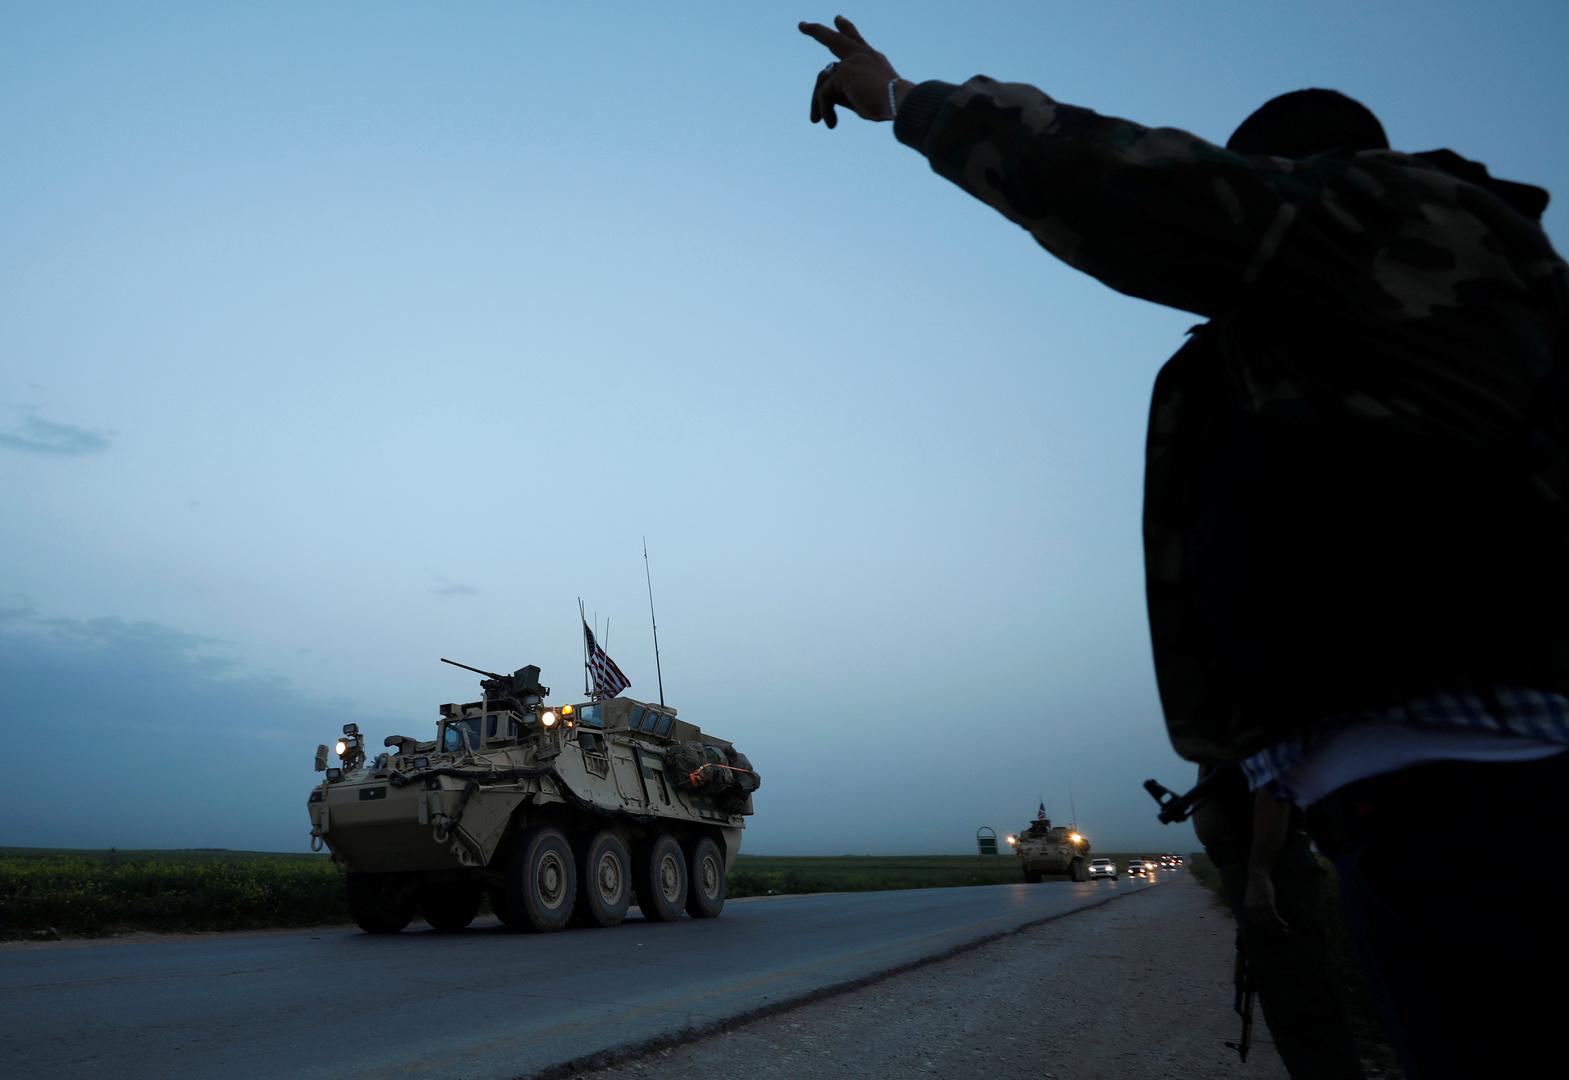 ما هي الشركة الأمريكية المغمورة التي أبرمت صفقة سرية بشأن نفط شمال سوريا؟